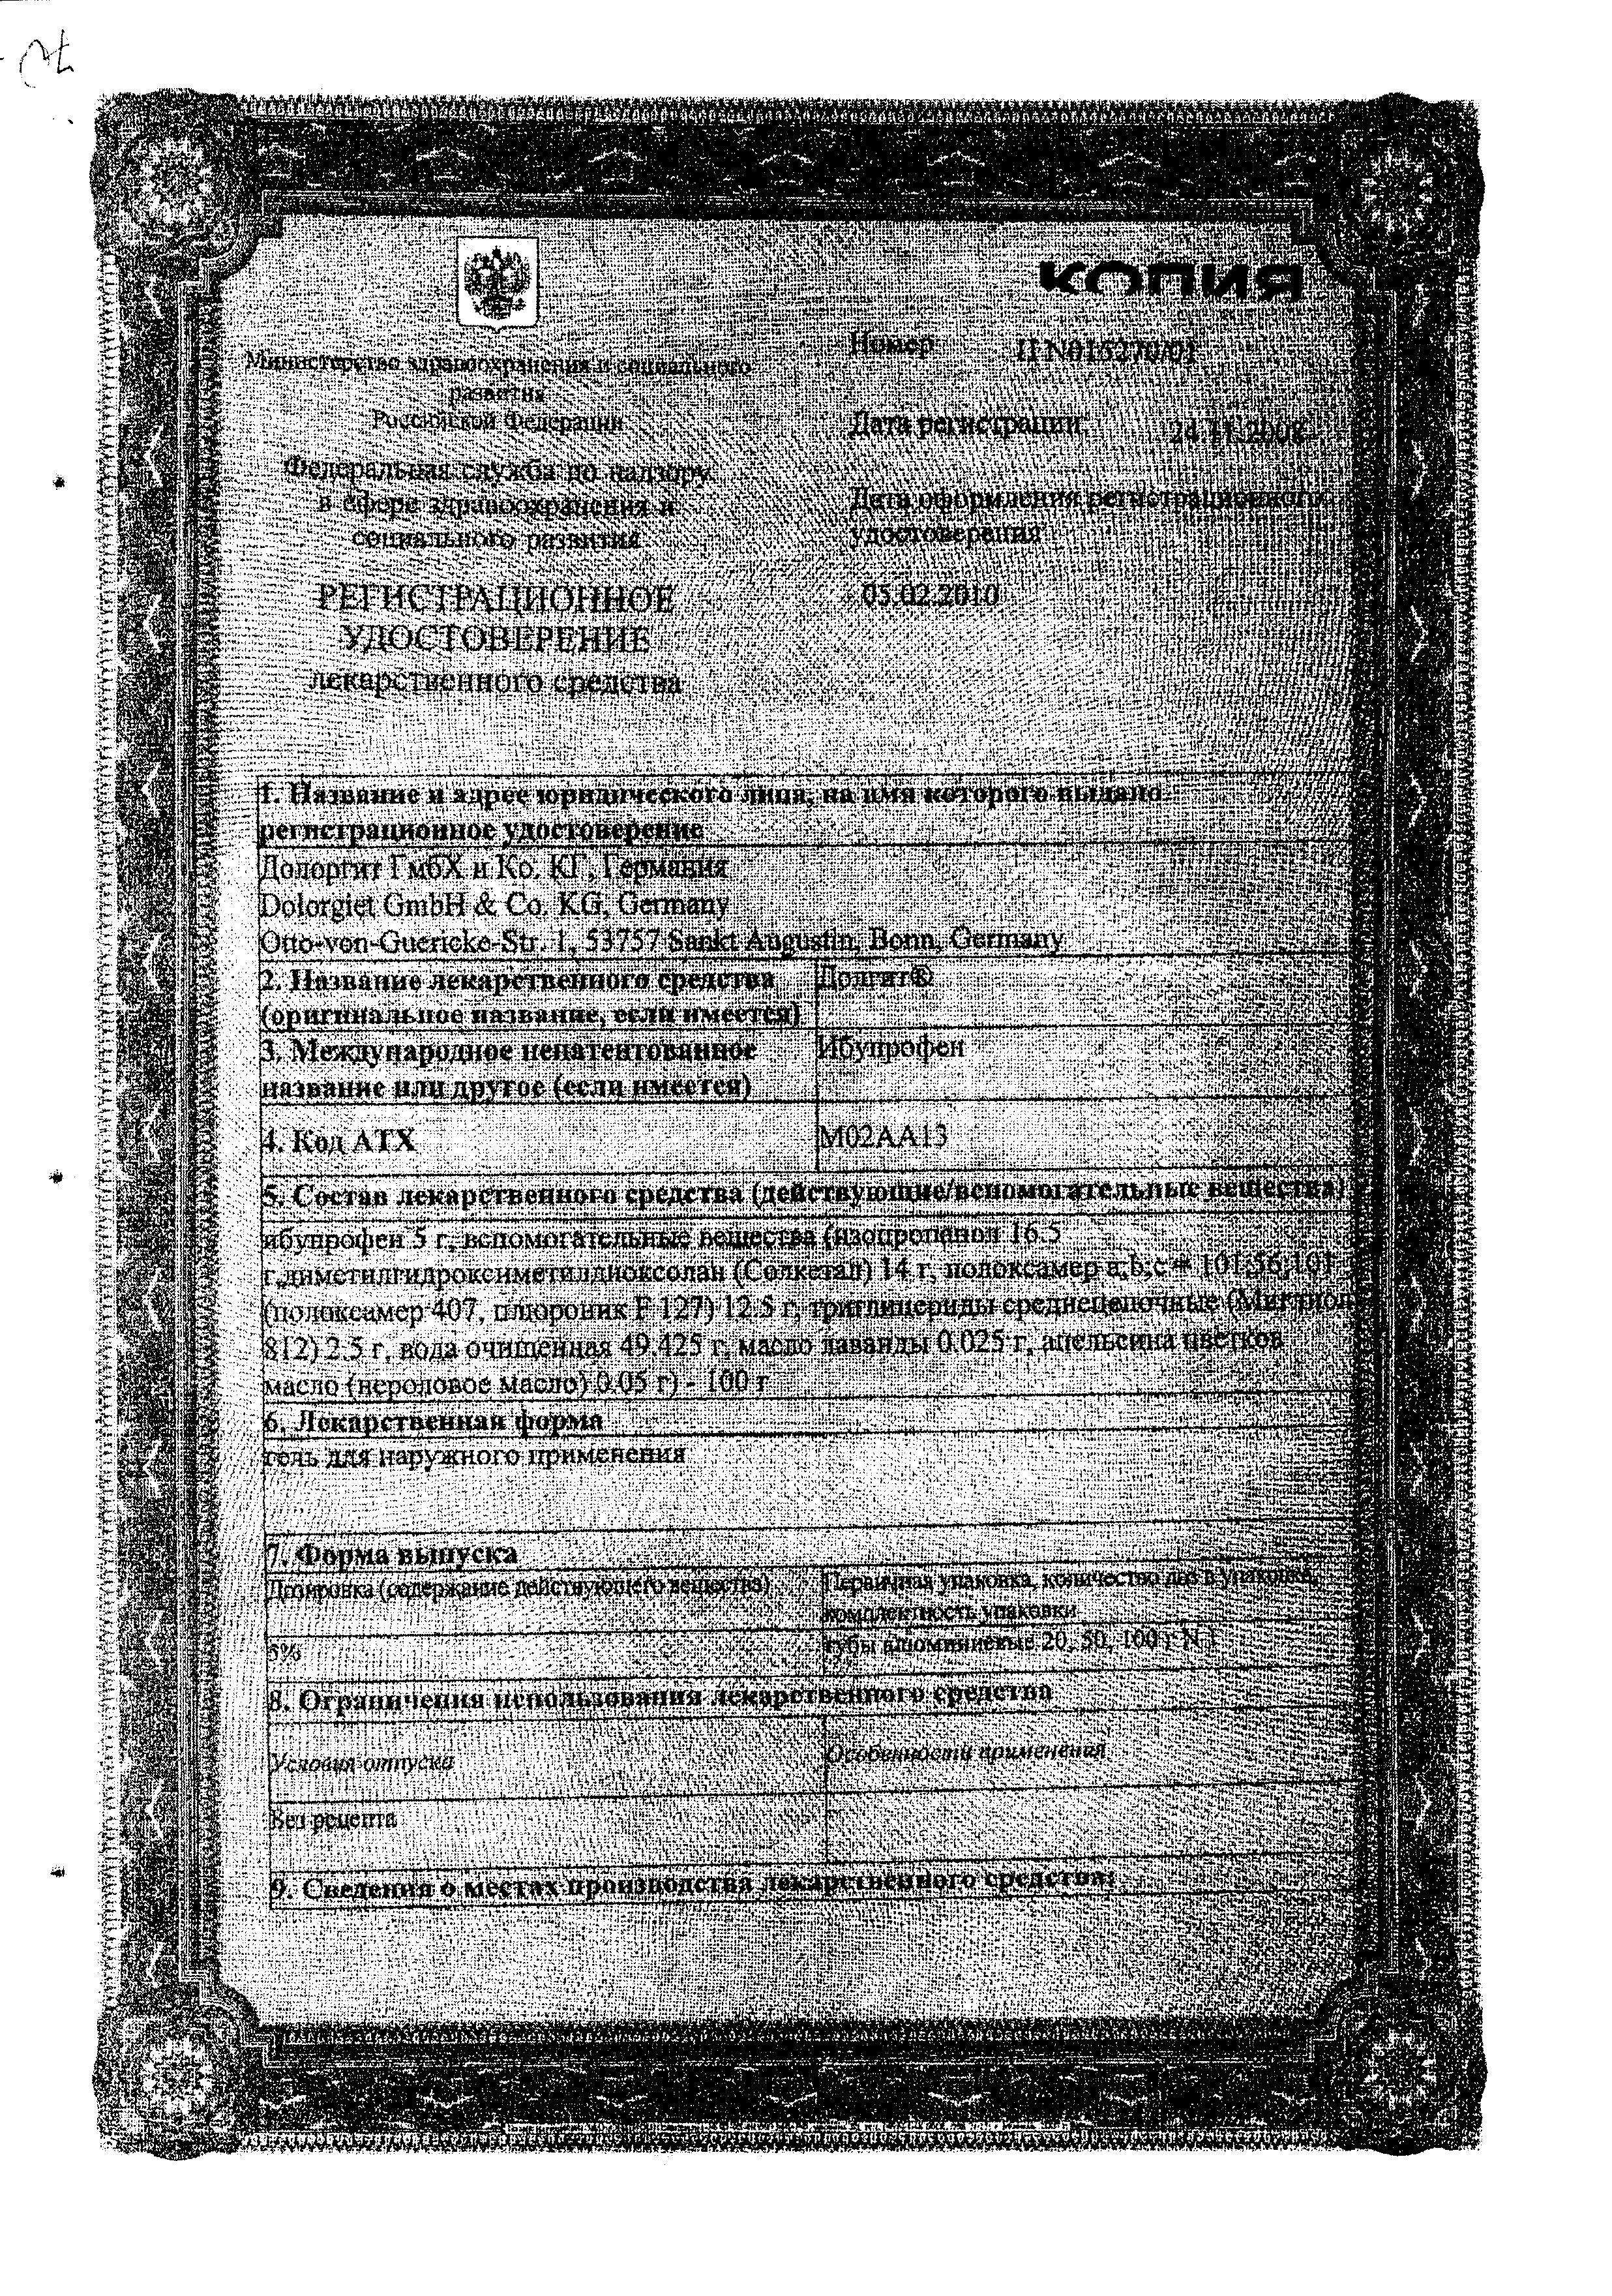 Долгит сертификат